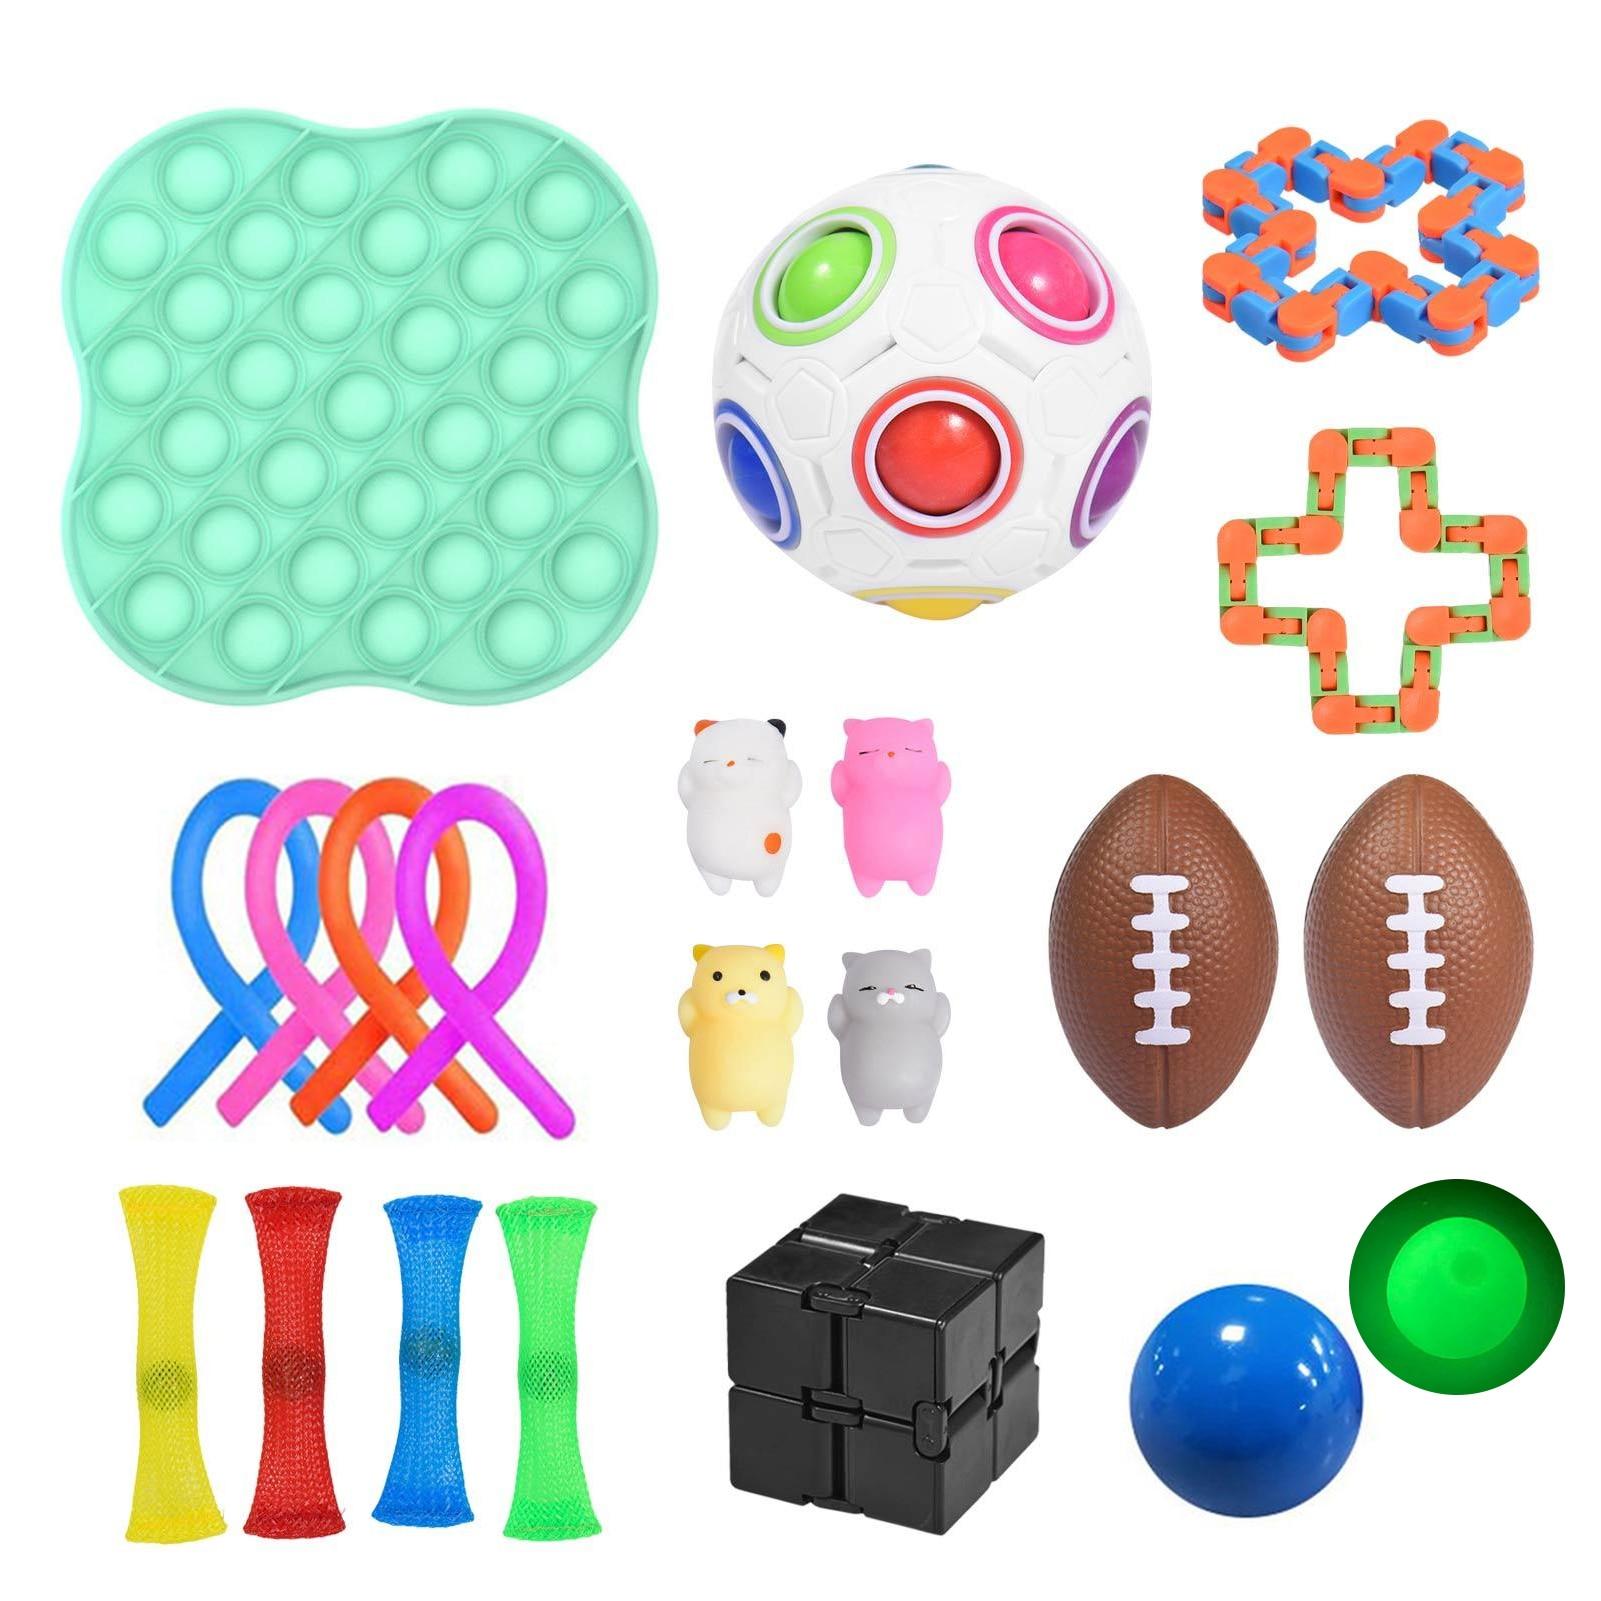 Paquet de 22 jouets sensoriels anti-Stress, pour enfants et adultes, anti-Stress